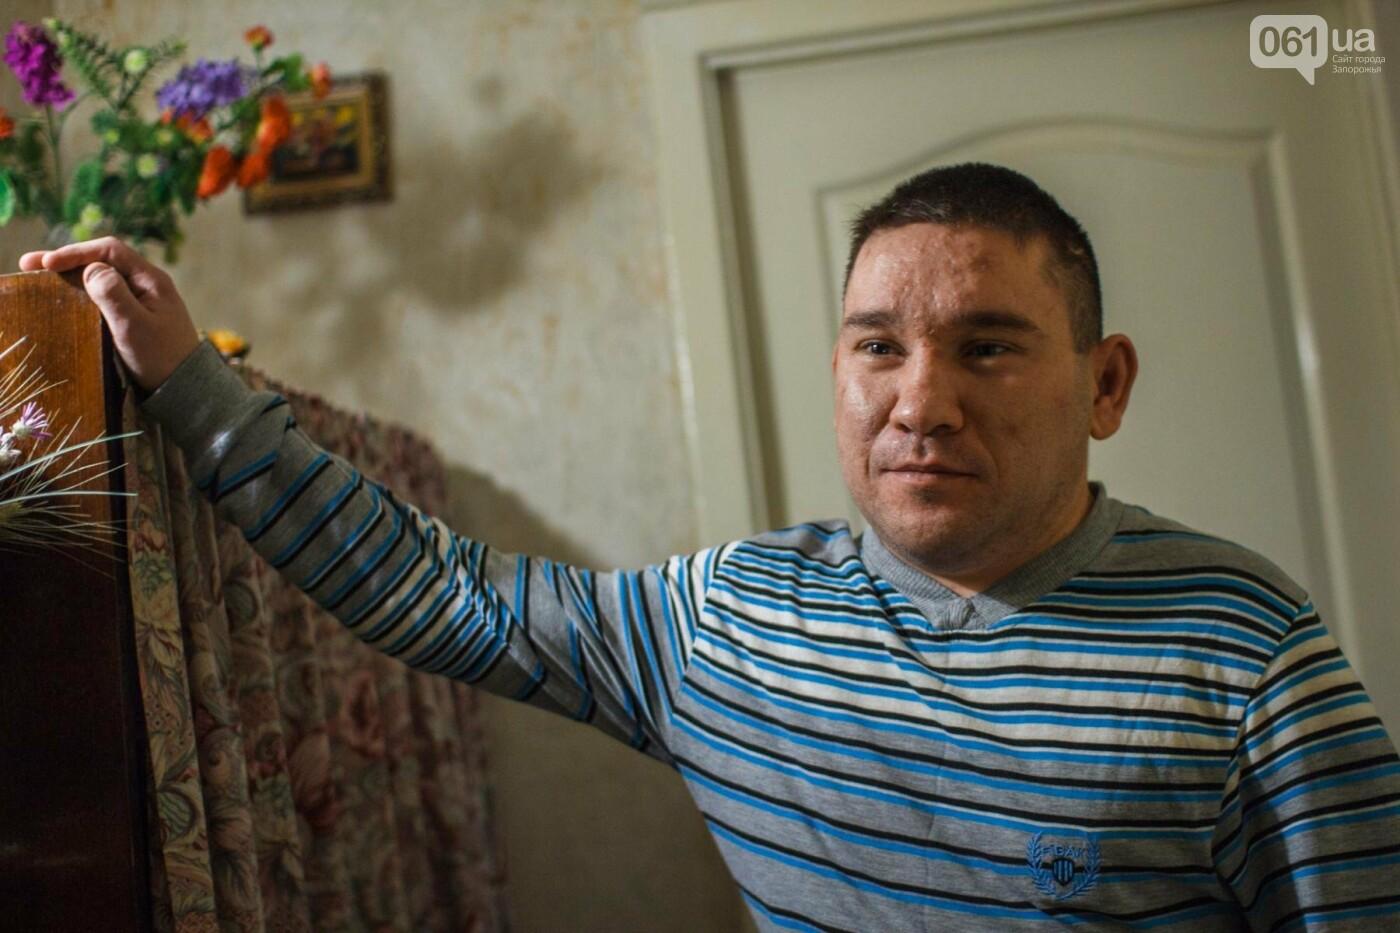 «Я не помню своего лица»: история запорожца, который очень хочет снова видеть, фото-6